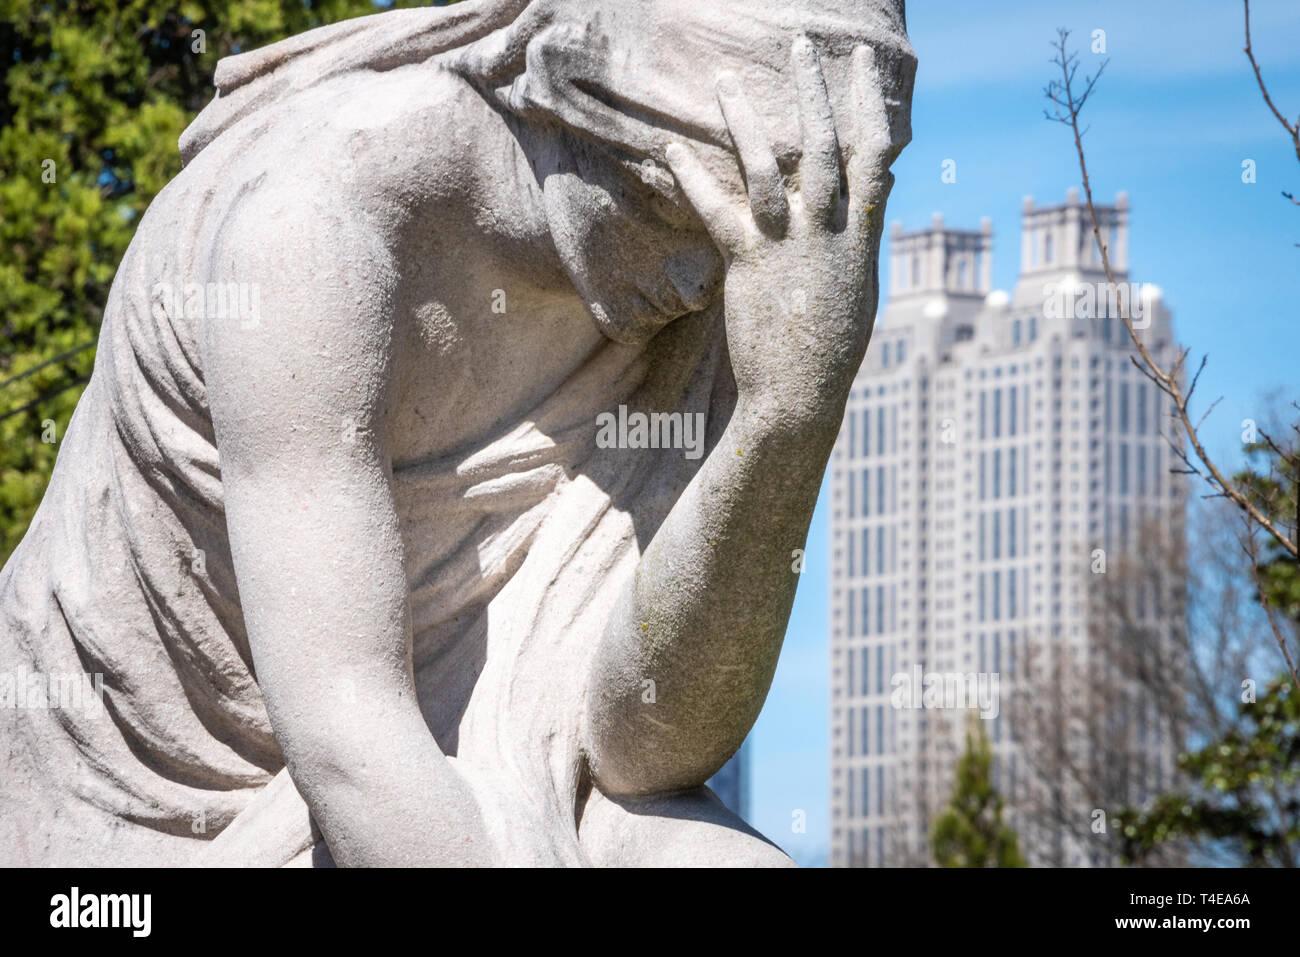 Il pianto della donna statua al grigio molto nella storica del cimitero di Oakland con il centro cittadino di Atlanta, la Georgia 191 Peachtree torre in background. (USA) Immagini Stock